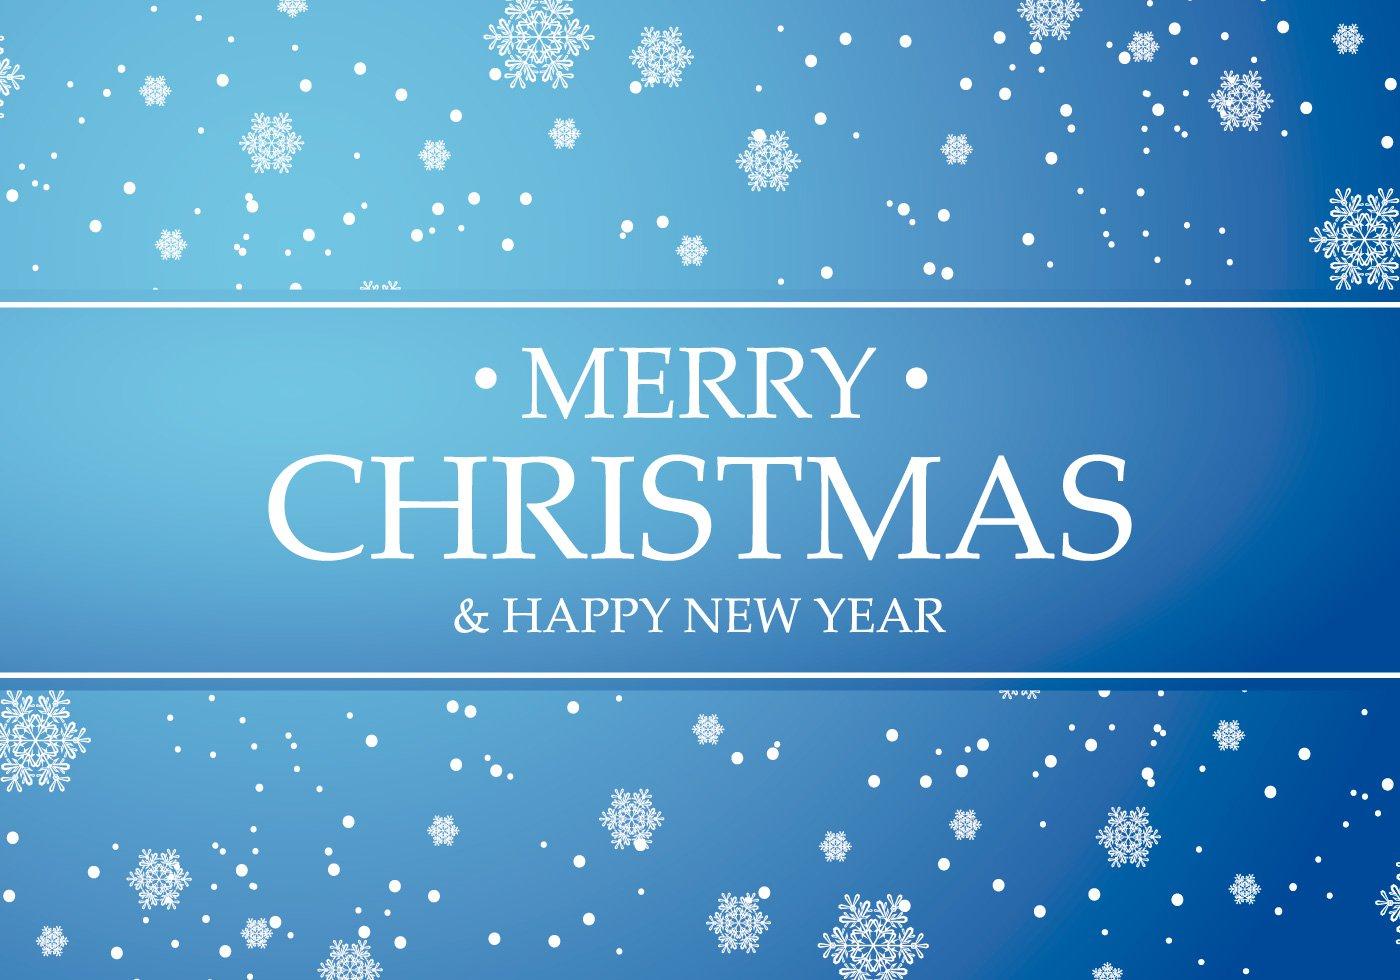 High-Quality Free Christmas Vector Graphics 2017 - 20